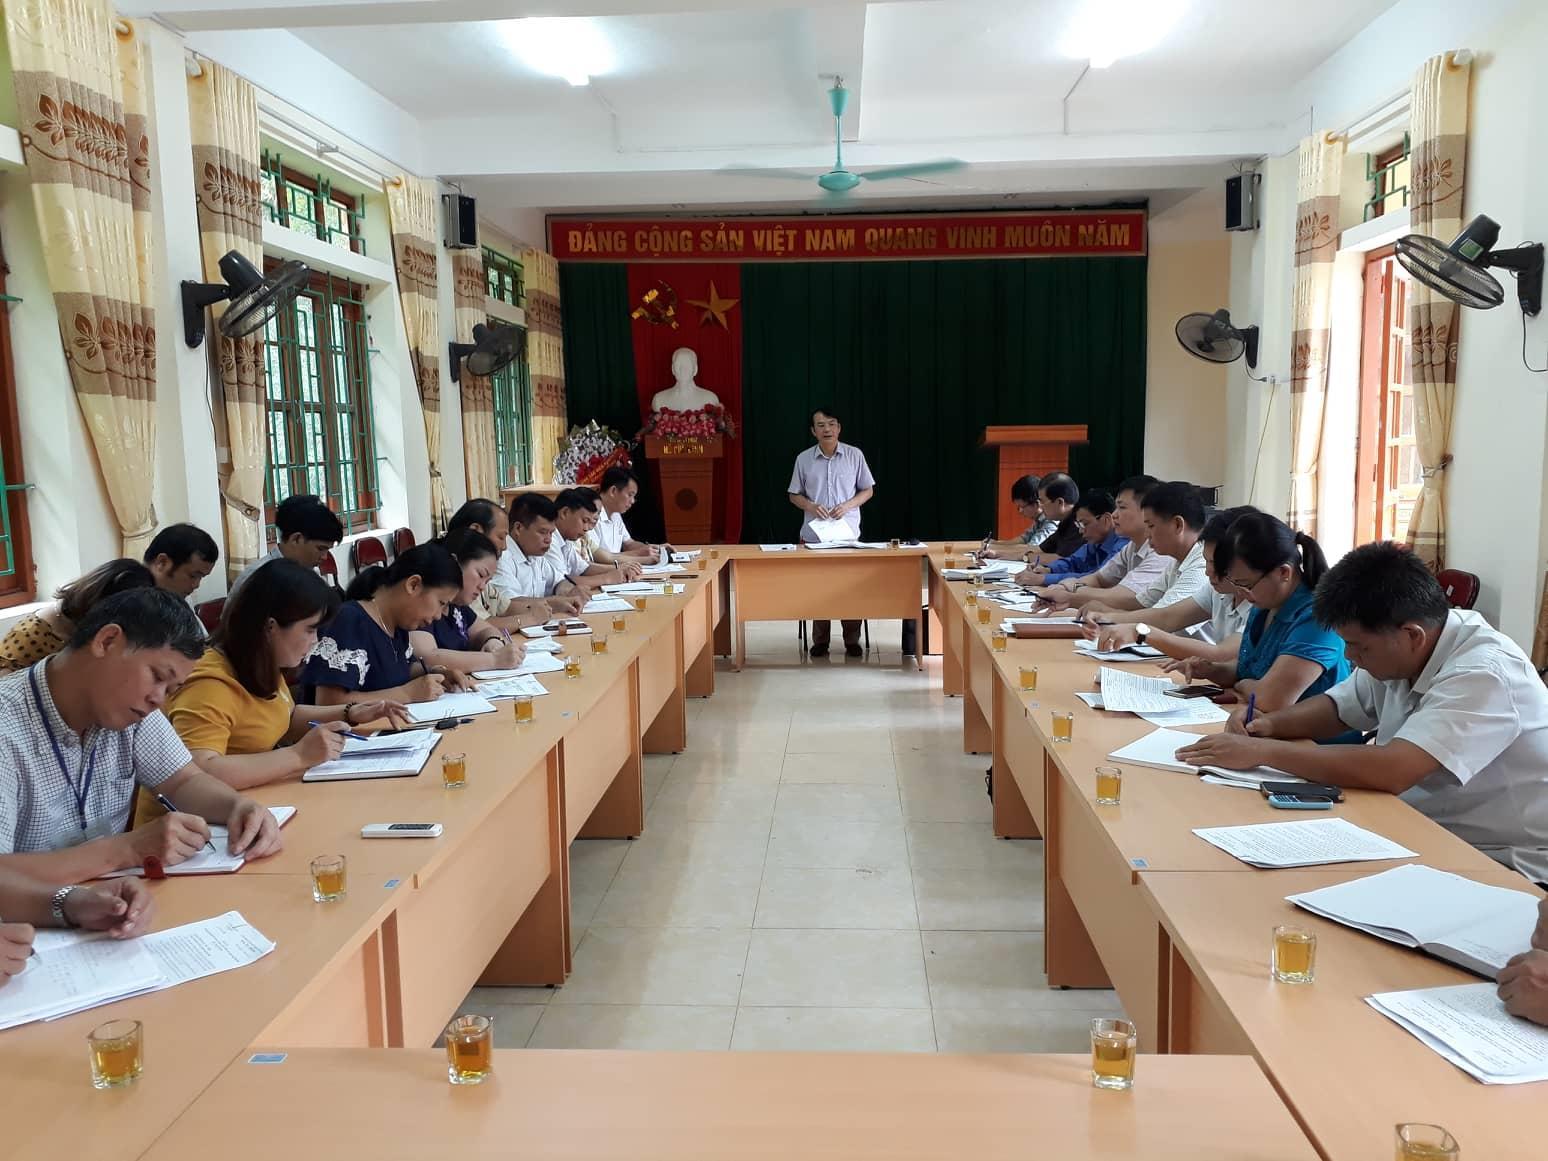 Phó Chủ tịch UBND tỉnh Nguyễn Trung Thảo kiểm tra thực hiện Chương trình MTQG xây dựng nông thôn mới tại xã Đại Sơn (Phục Hòa)